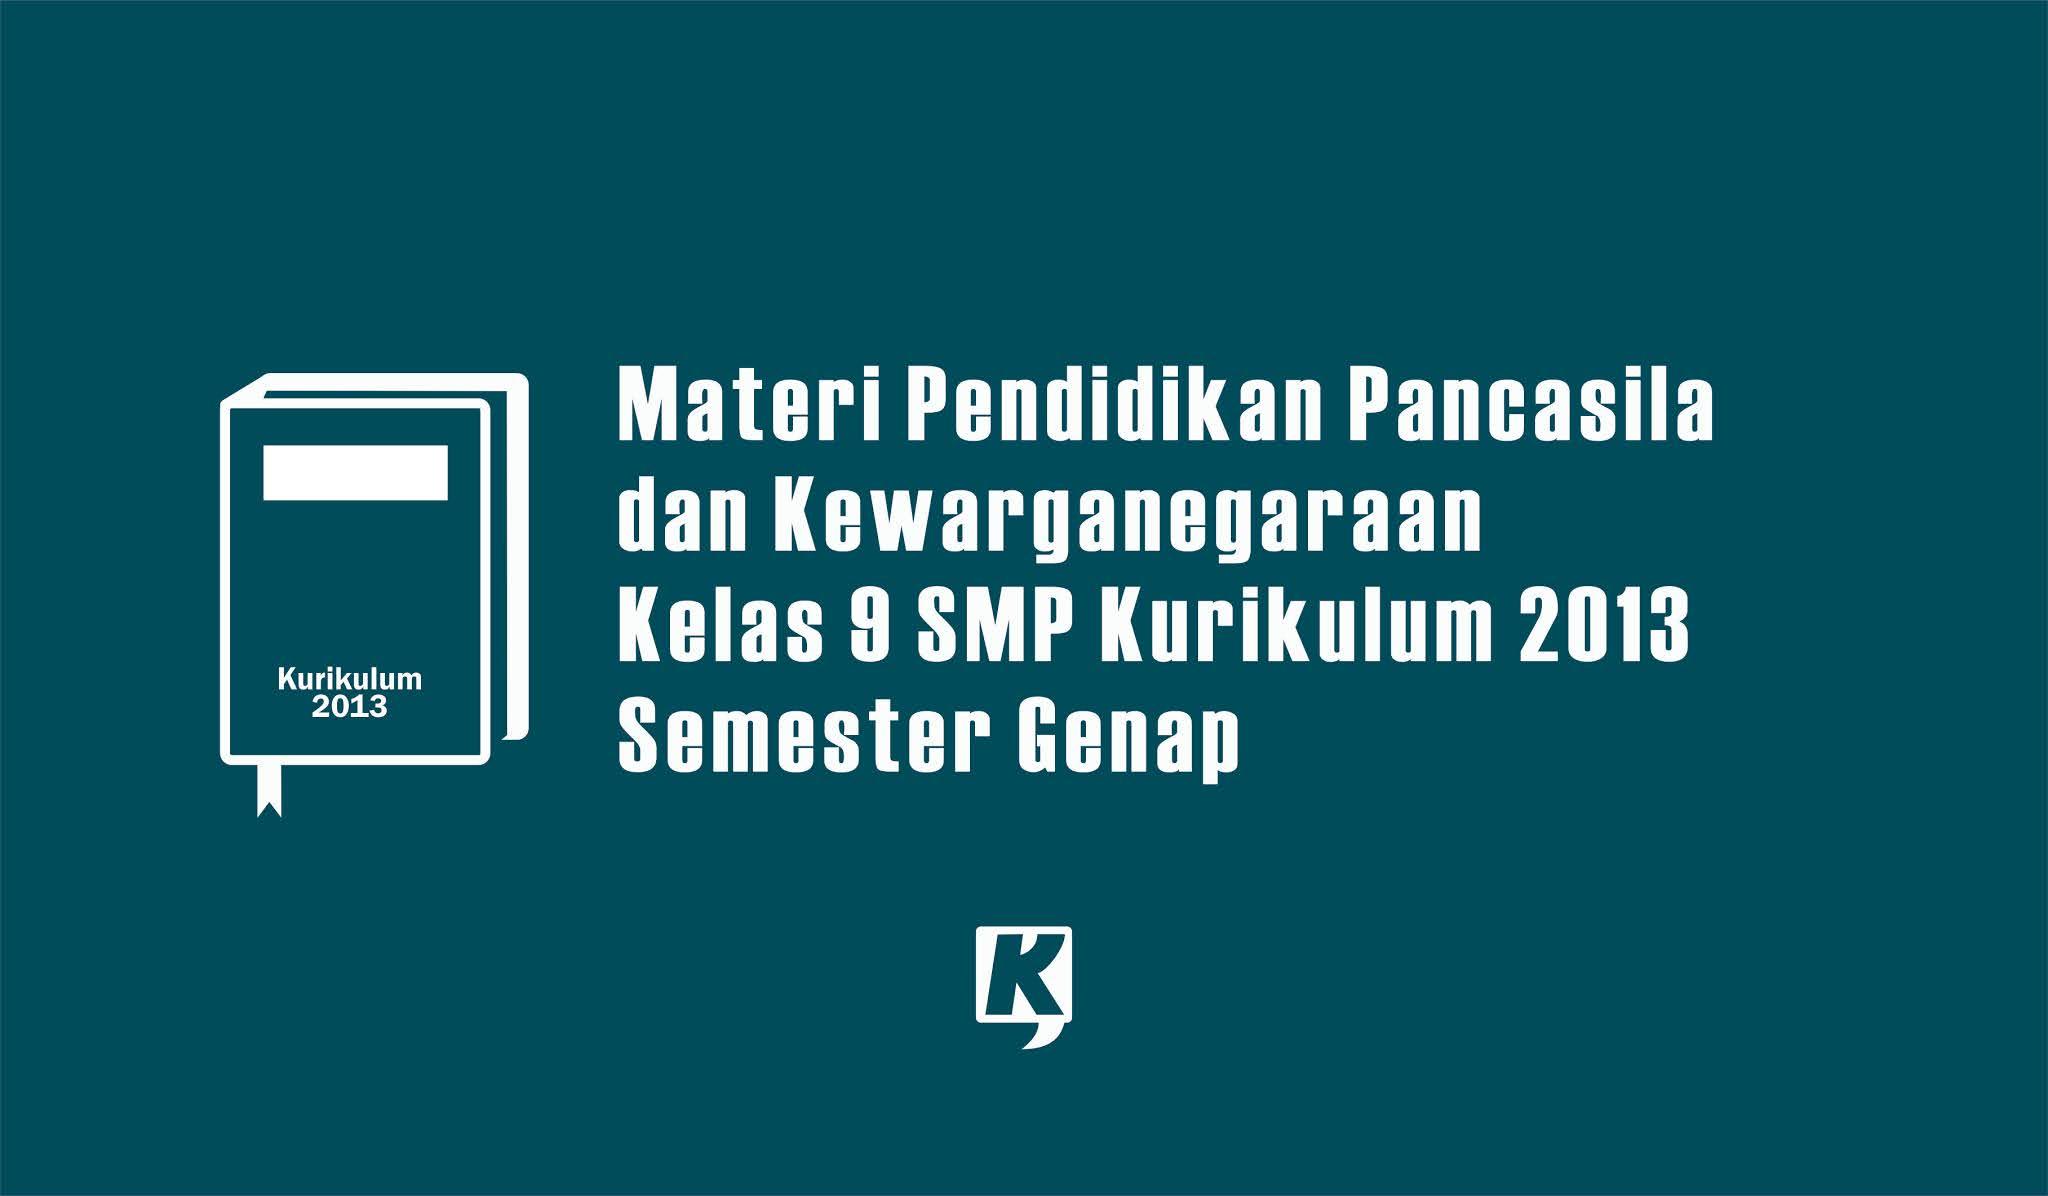 Materi Semester Genap: Pendidikan Pancasila dan Kewarganegaraan Kelas 9 SMP/MTS Kurikulum 2013